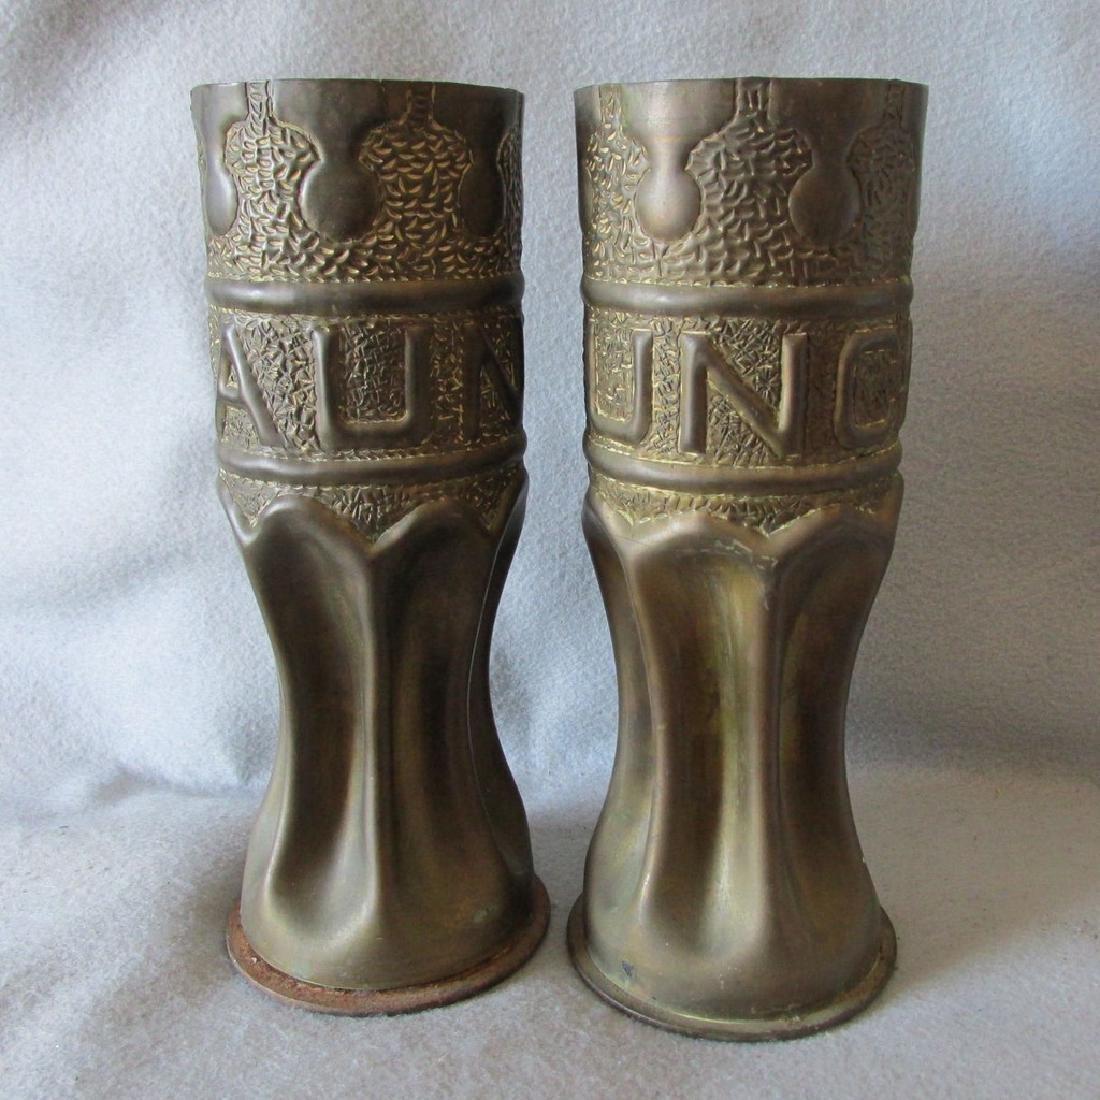 Pair Trench Art Vases, Military Shell Casings Folk Art